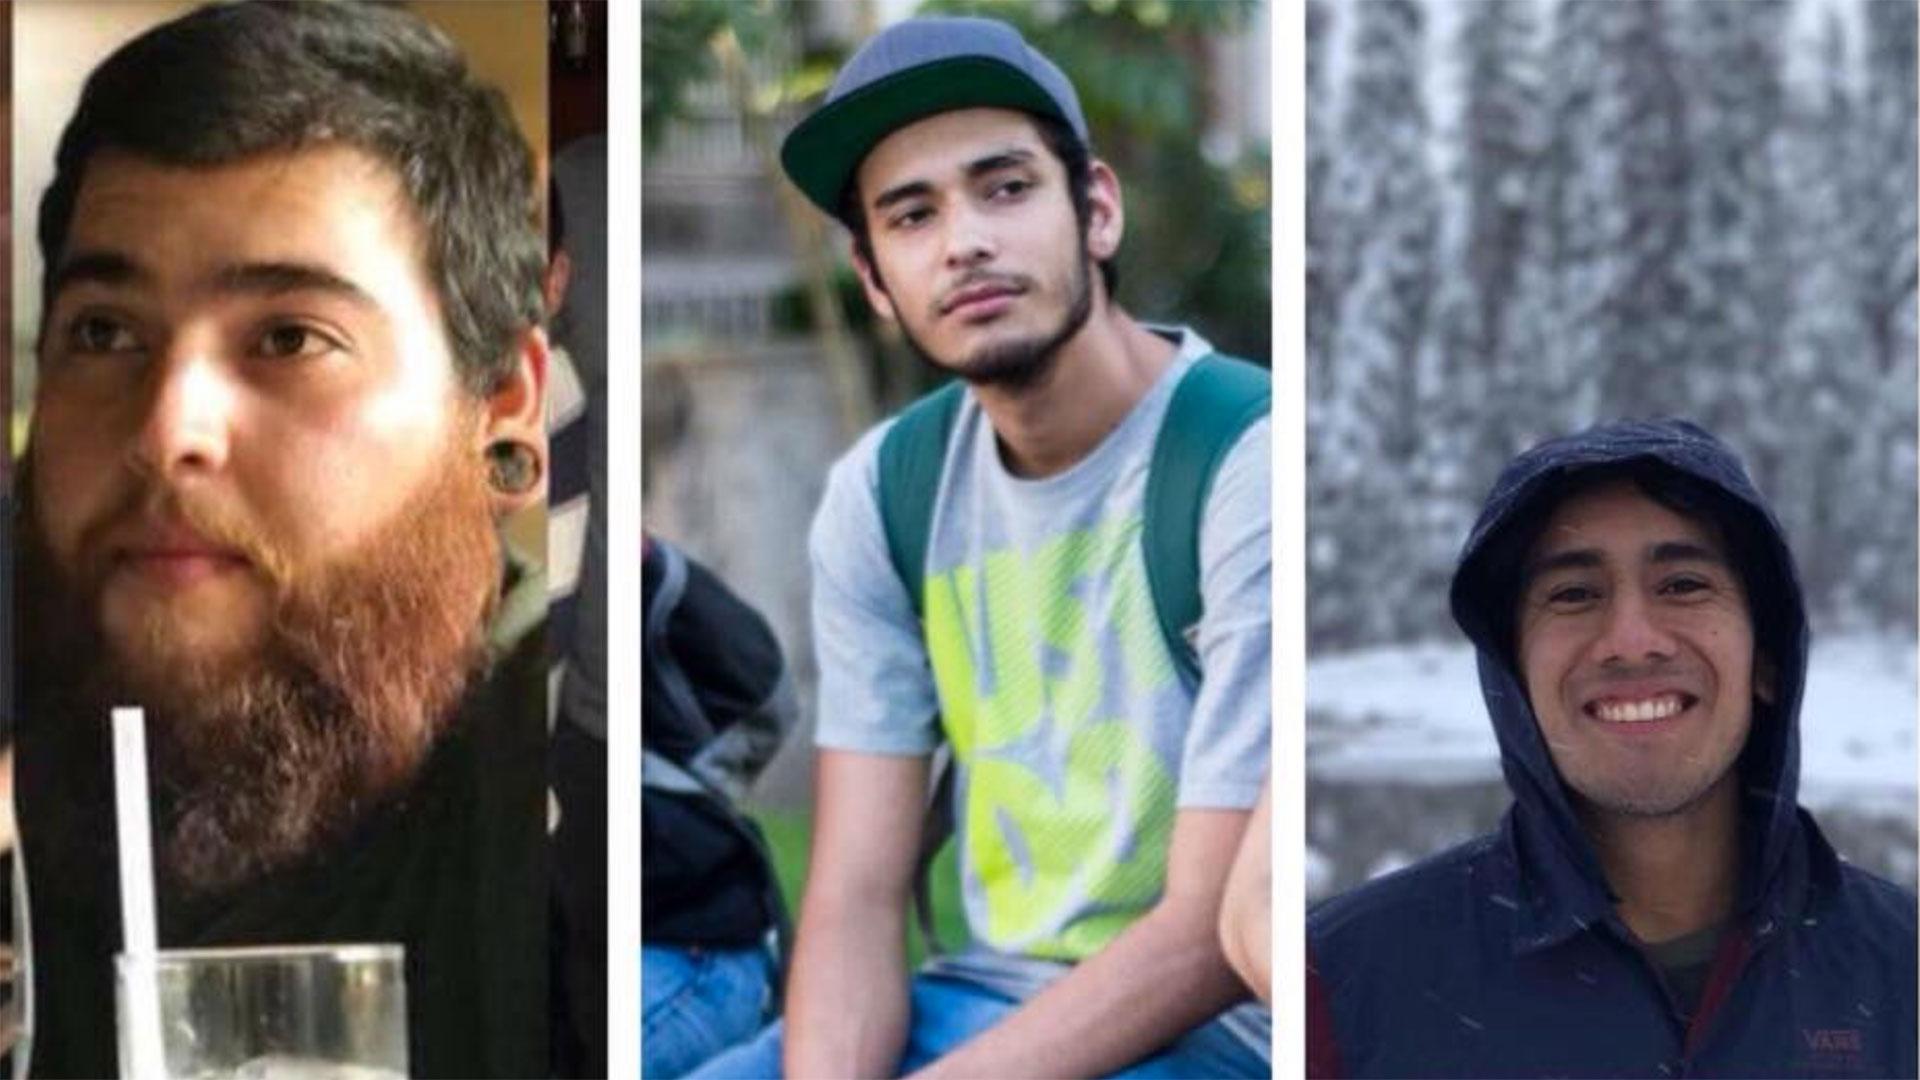 Salomón Aceves Gastélum (25), Daniel Díaz (20) y Marco Ávalos (20) fueron secuestrados y sus cuerpos disueltos en ácido